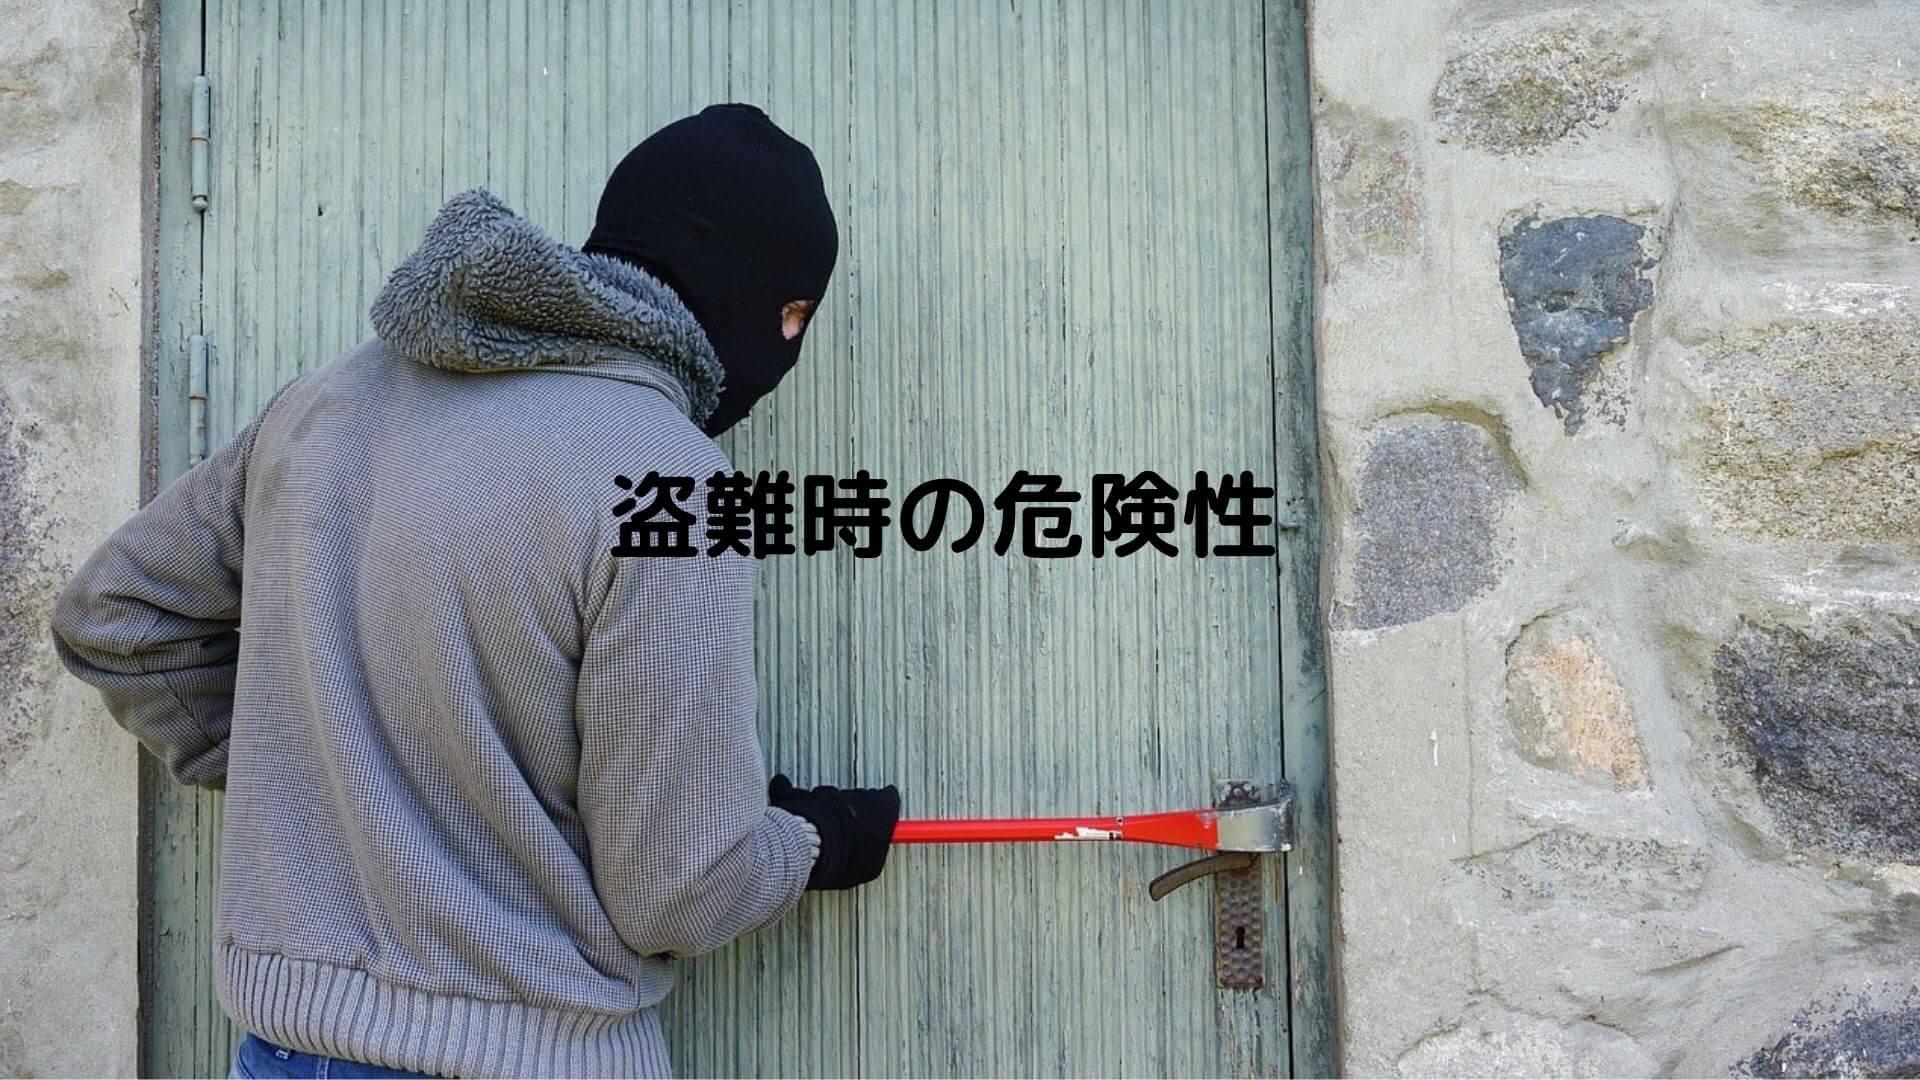 マイナンバーカードの紛失、盗難時の危険性は?